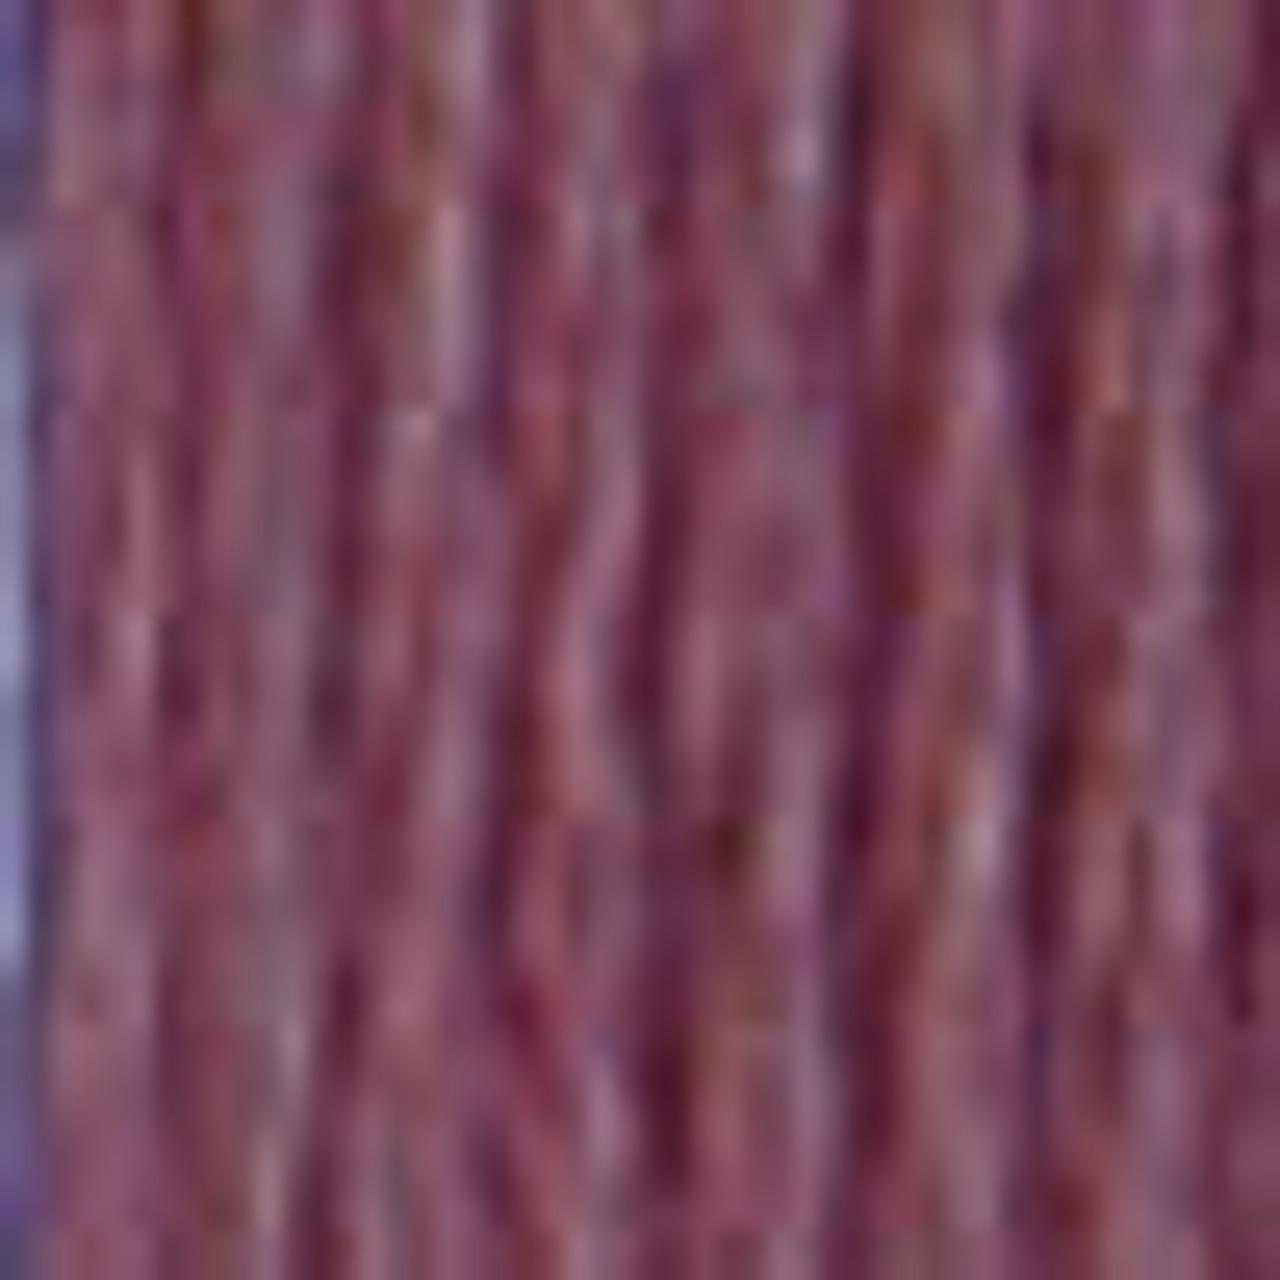 DMC # 3740 Dark Antique Violet Floss / Thread